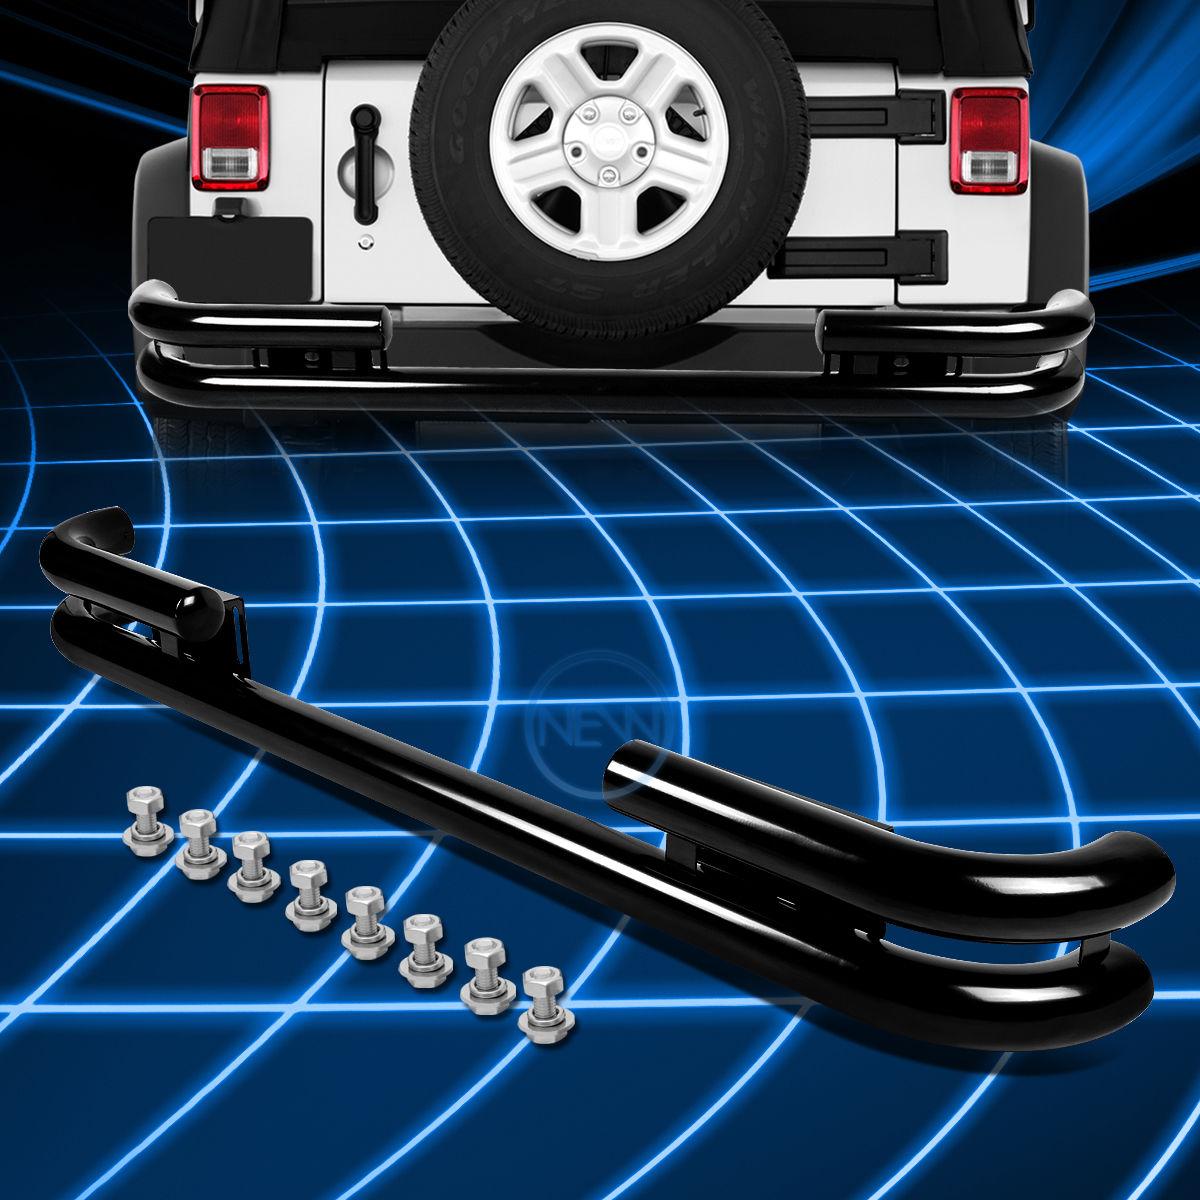 グリル ブラックコーティングスチールダブルパイプバーリアバンパーガード1988-2006ジープラングラー Black Coated Steel Double Pipe Bar Rear Bumper Guard for 1988-2006 Jeep Wrangler